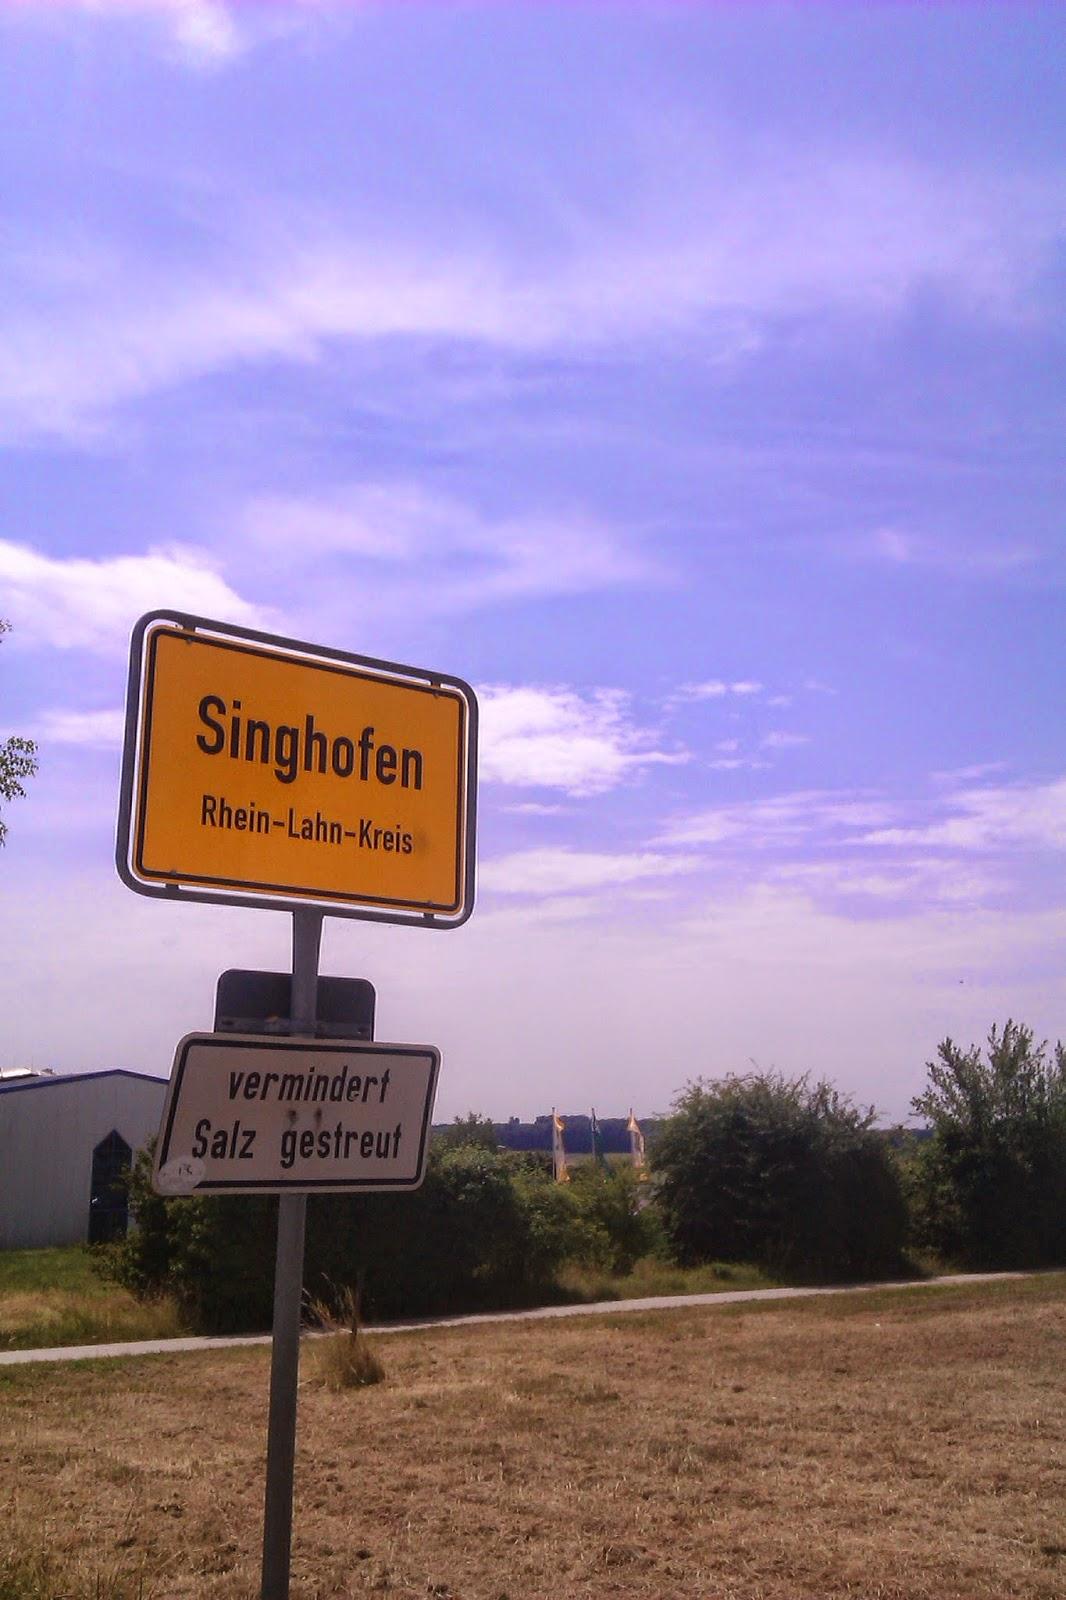 Rhein-Lahn-Kreis Sign Schild